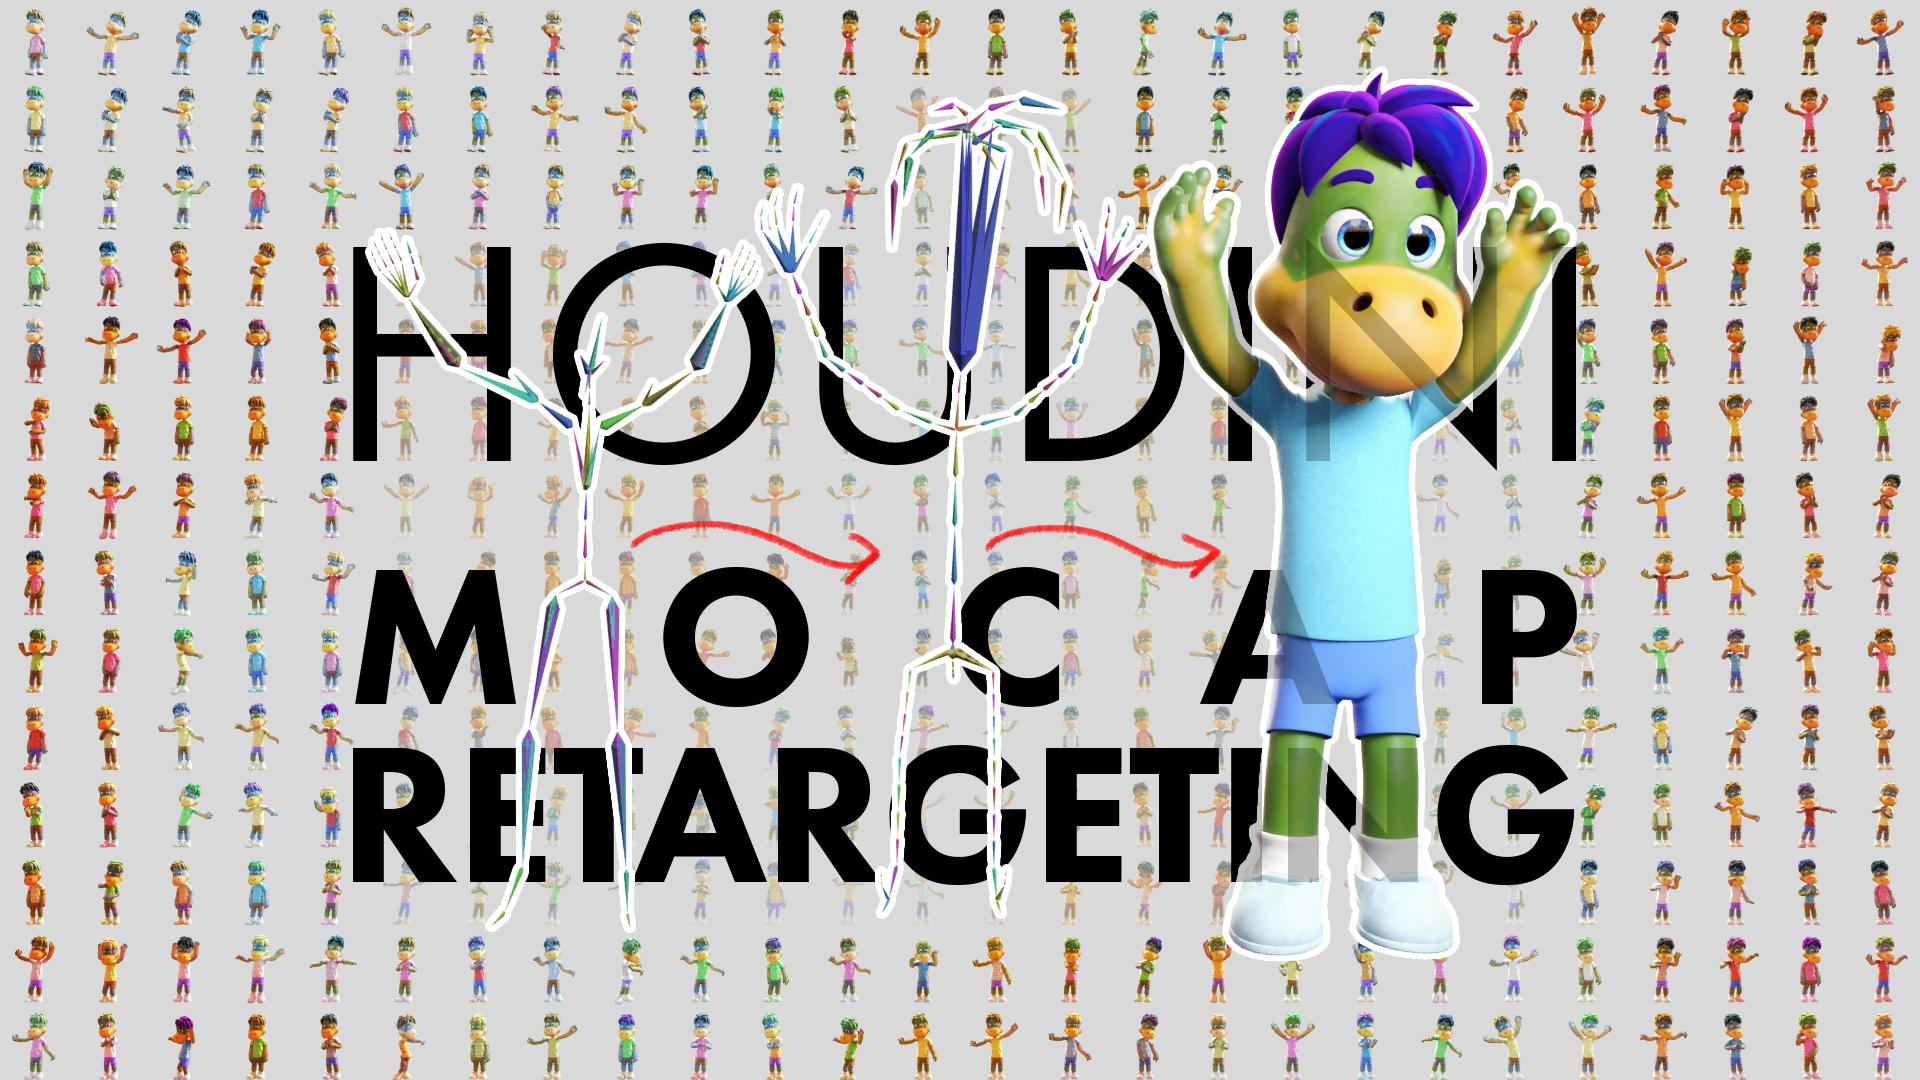 Animation Retargeting motion retargeting tool - animation & rigging - od|forum